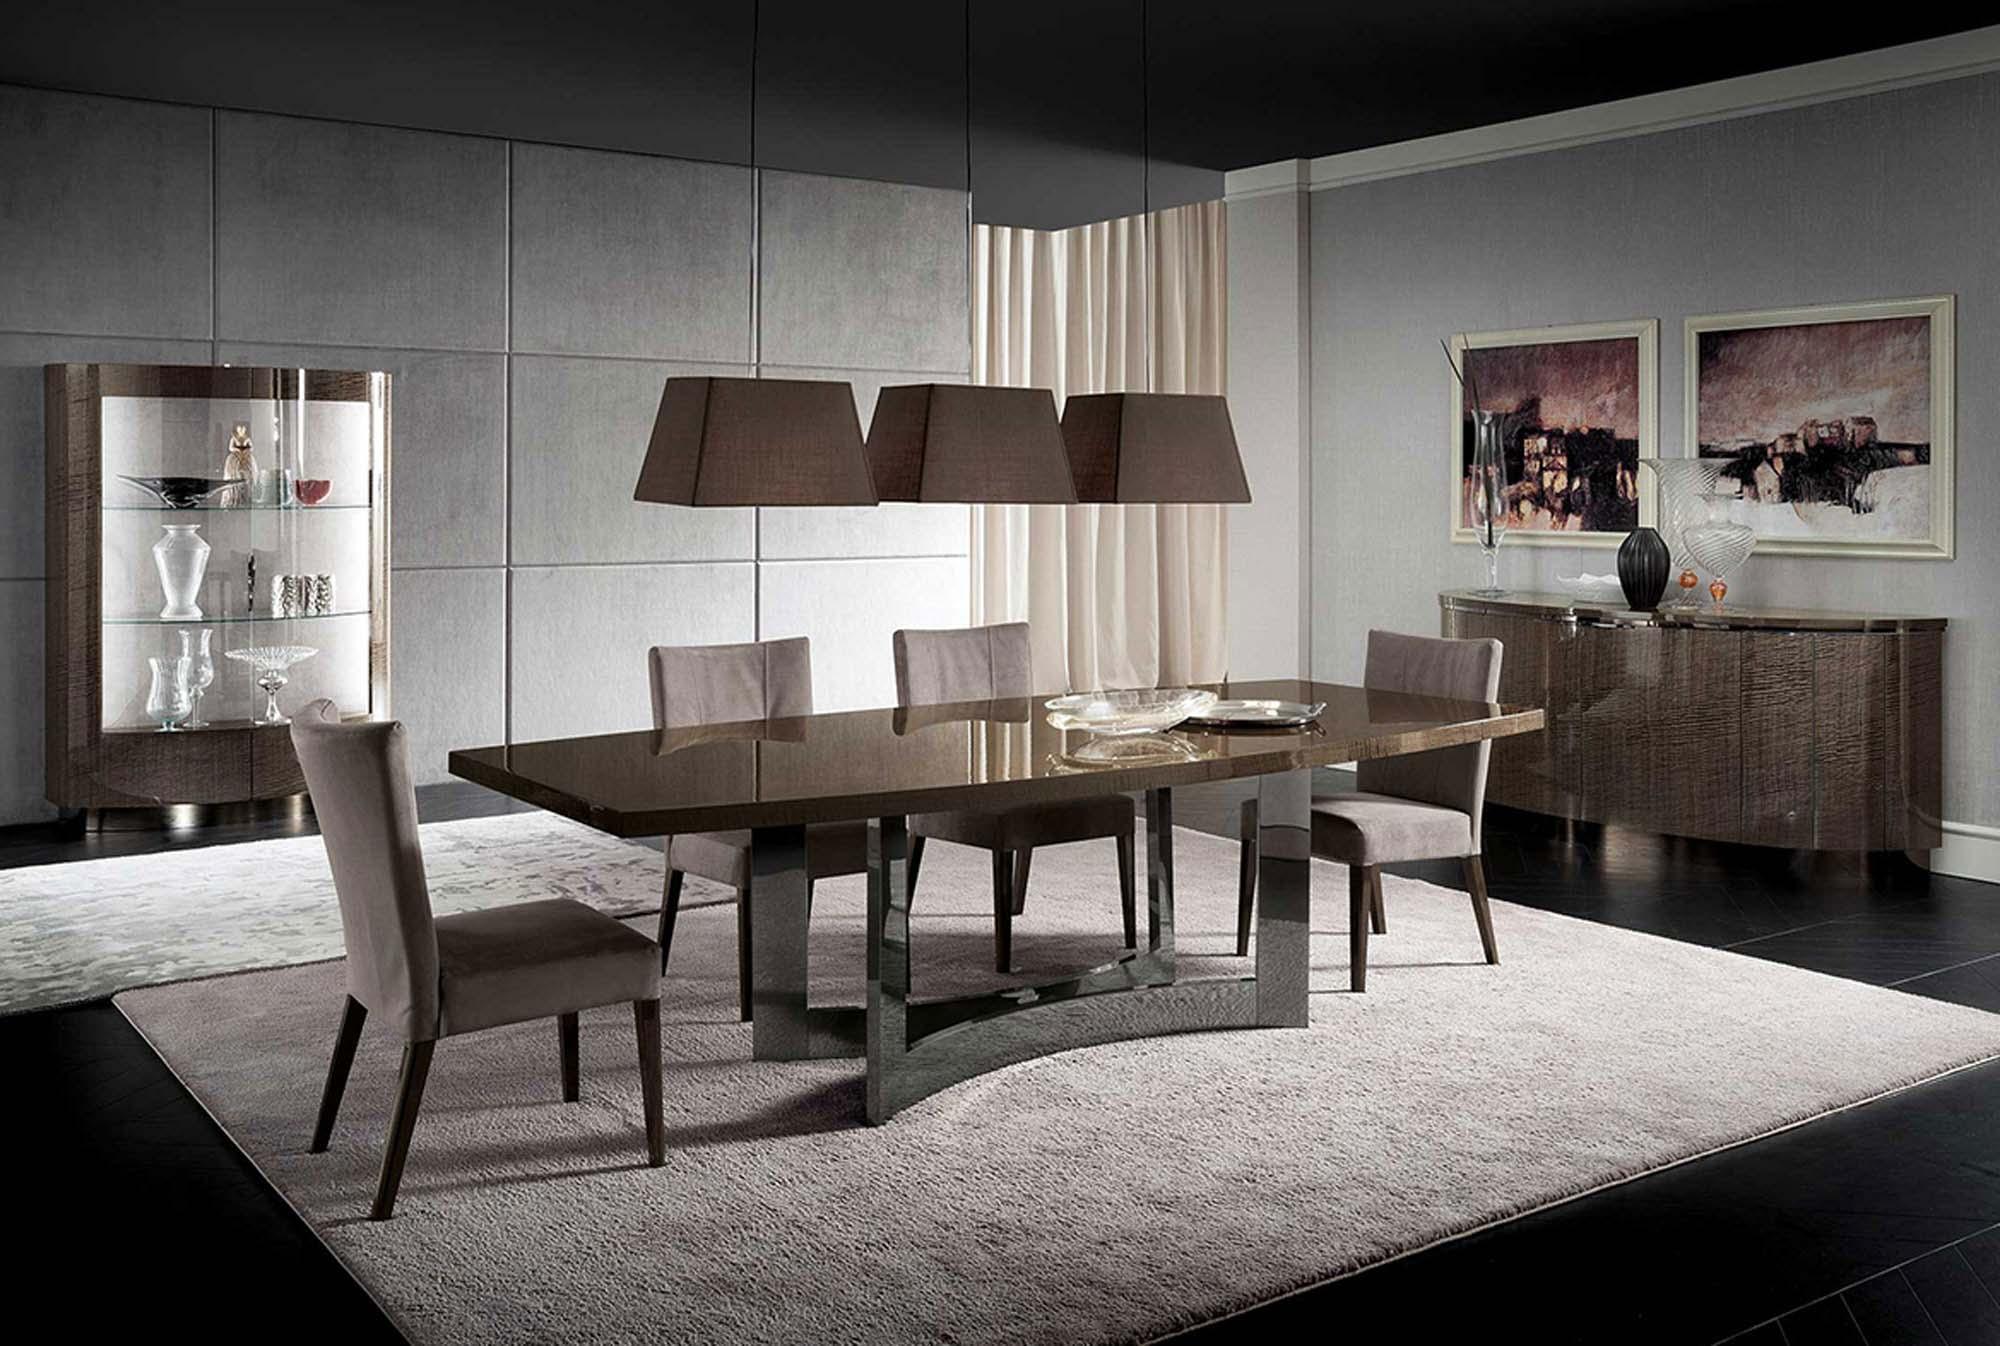 tavoli-sedie-grflex-aversa-014